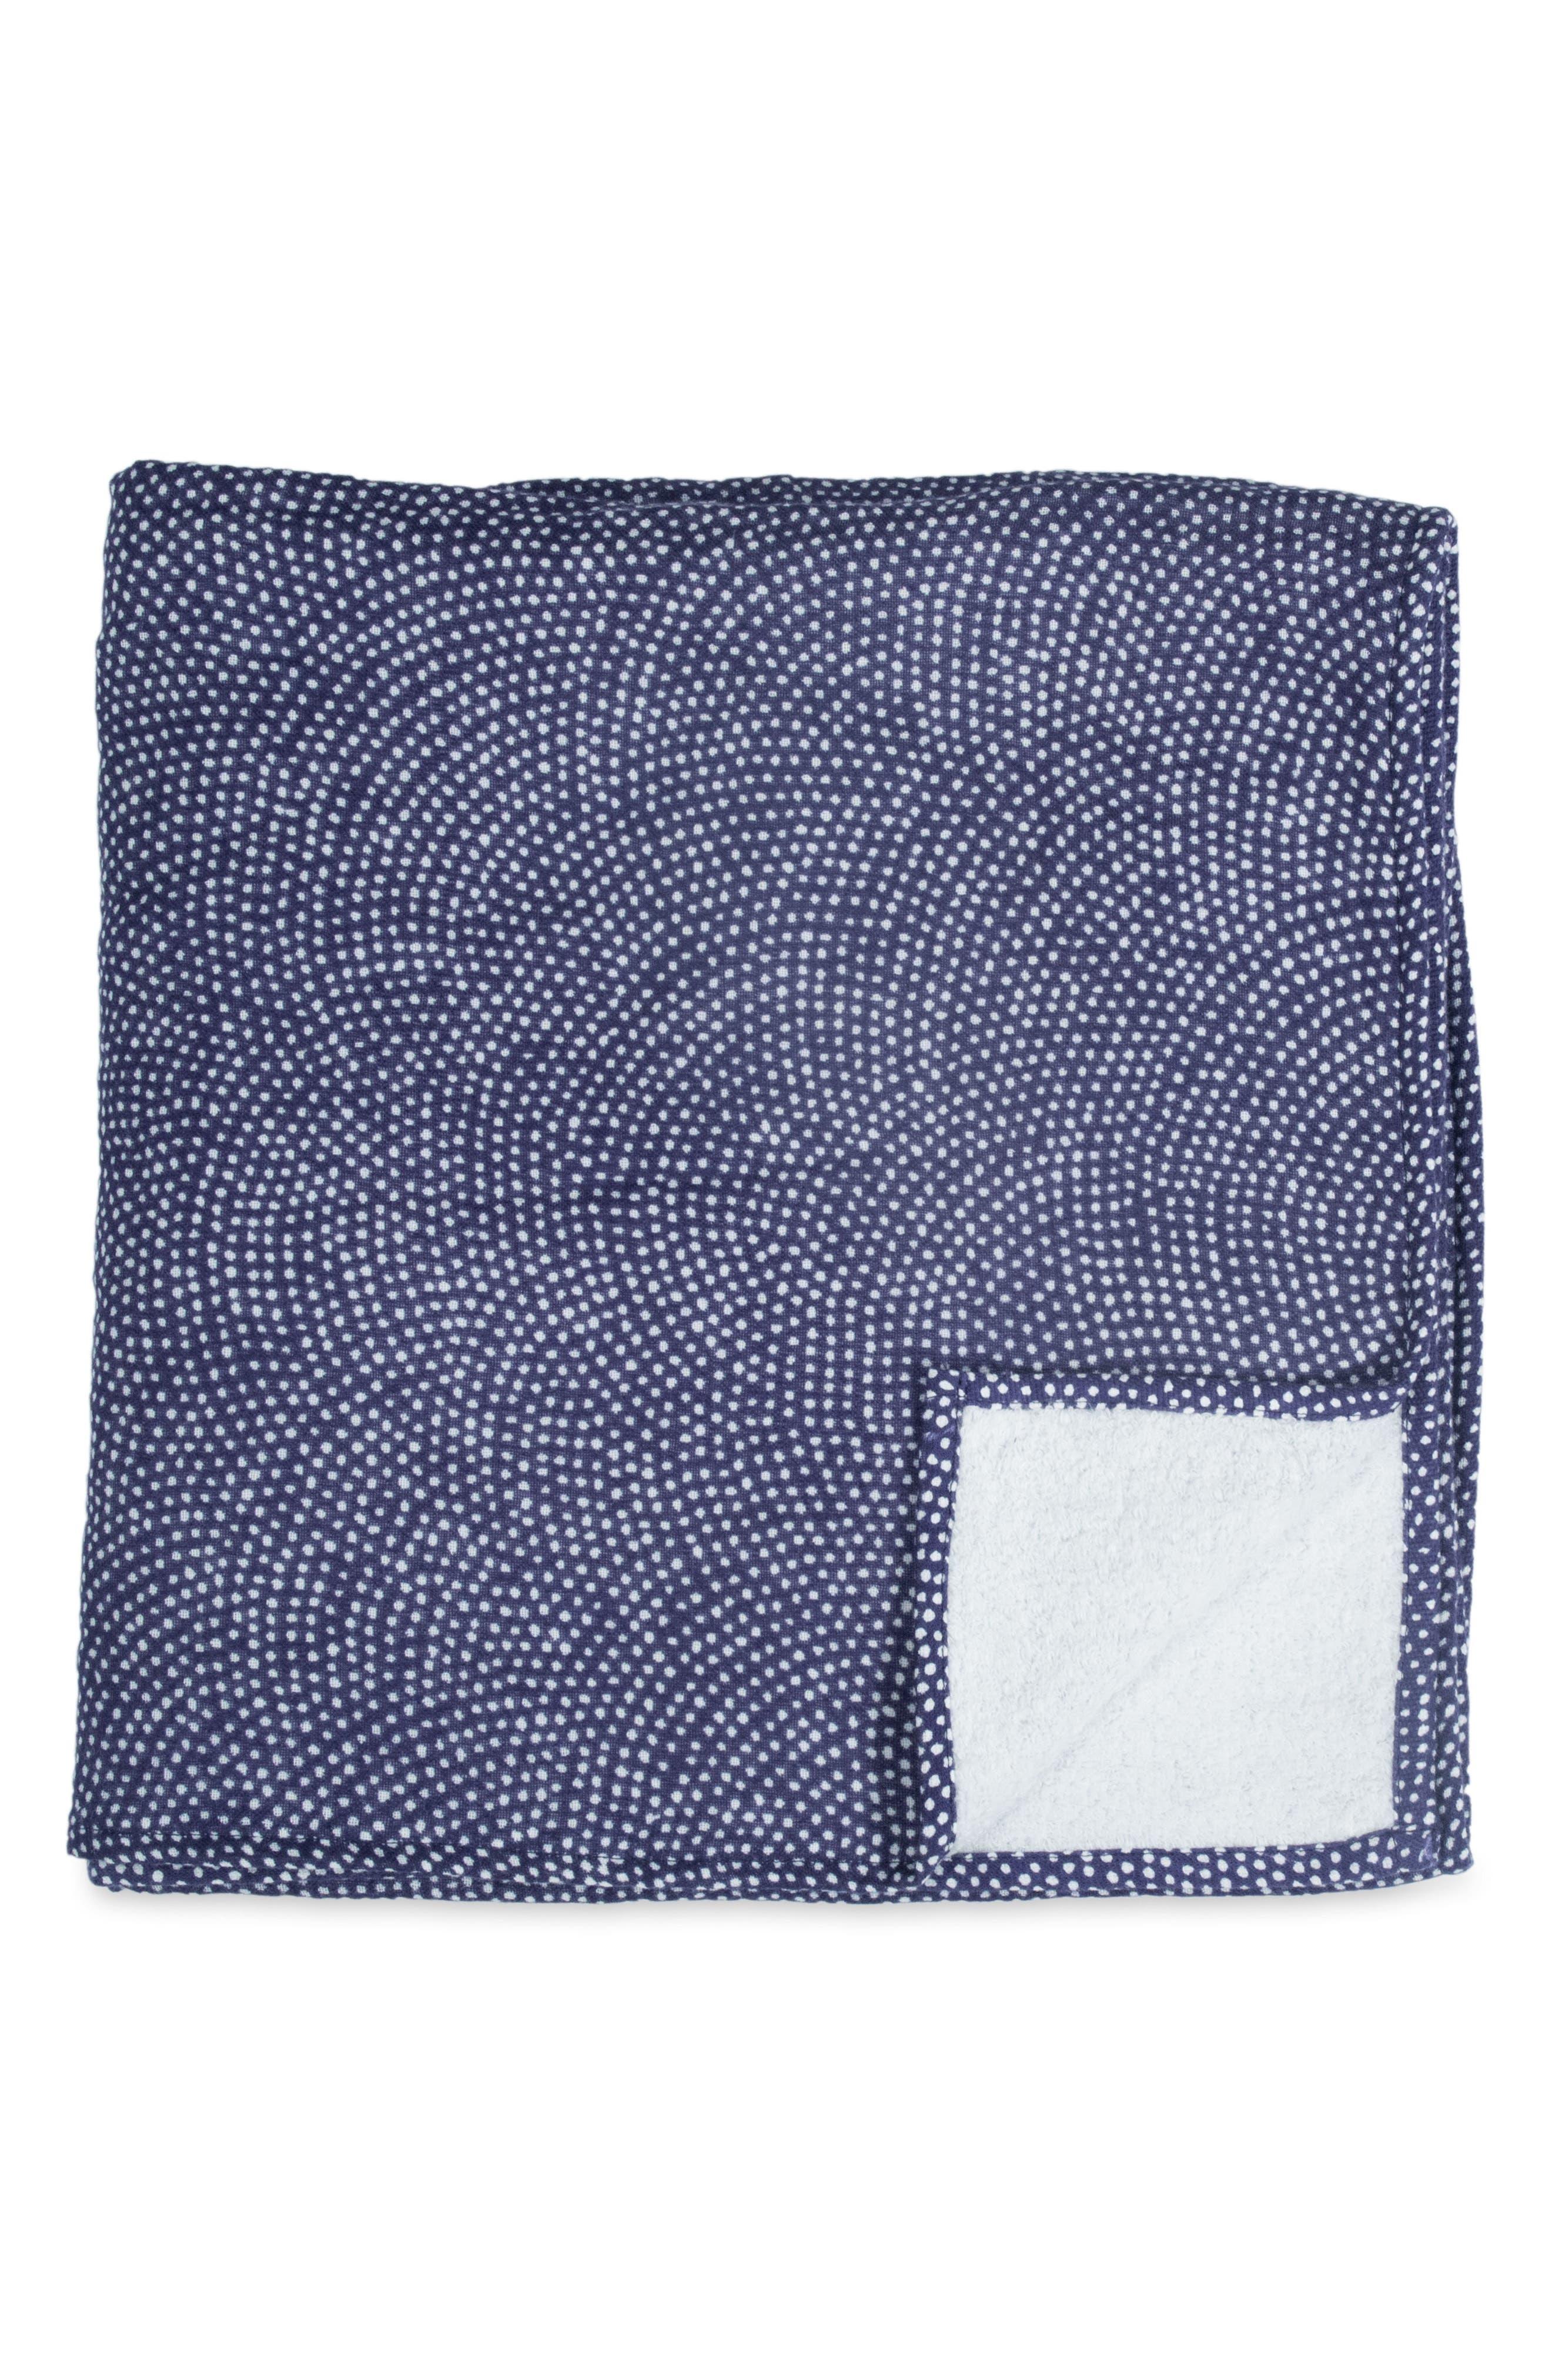 Main Image - Uchino Zero Twist Print Bath Towel